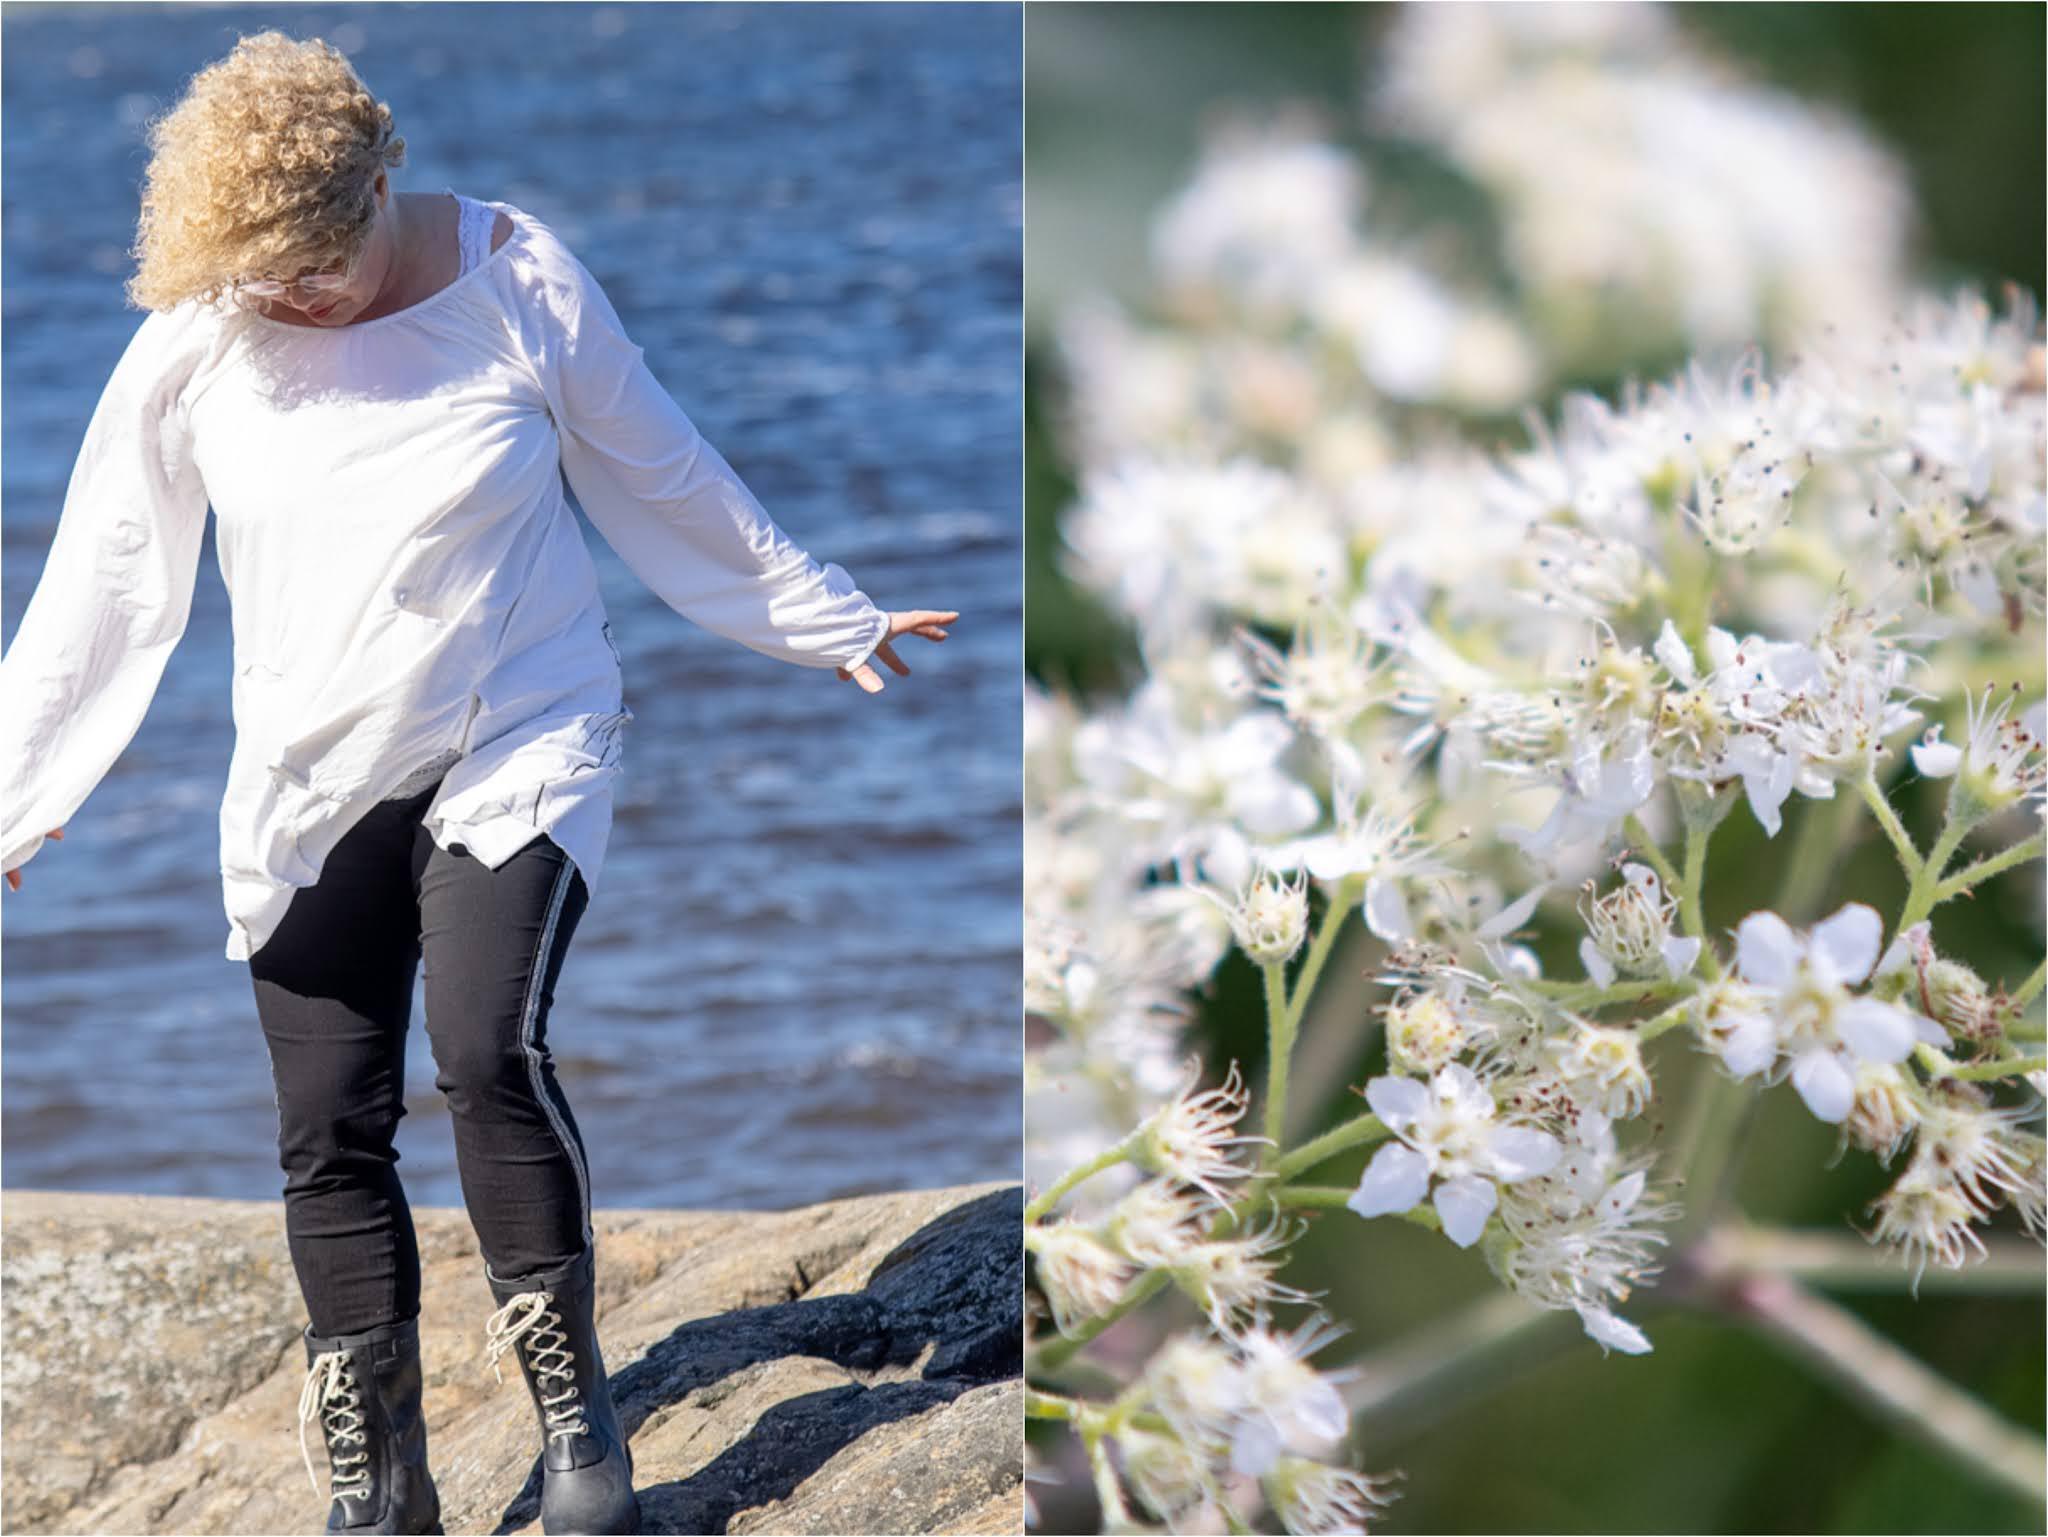 Ewa I Walla, visualaddict, blogi, valokuvaaja, Frida Steiner, naisten muoti, xl-muoti, pukeutuminen, naisten vaatteet, dagens